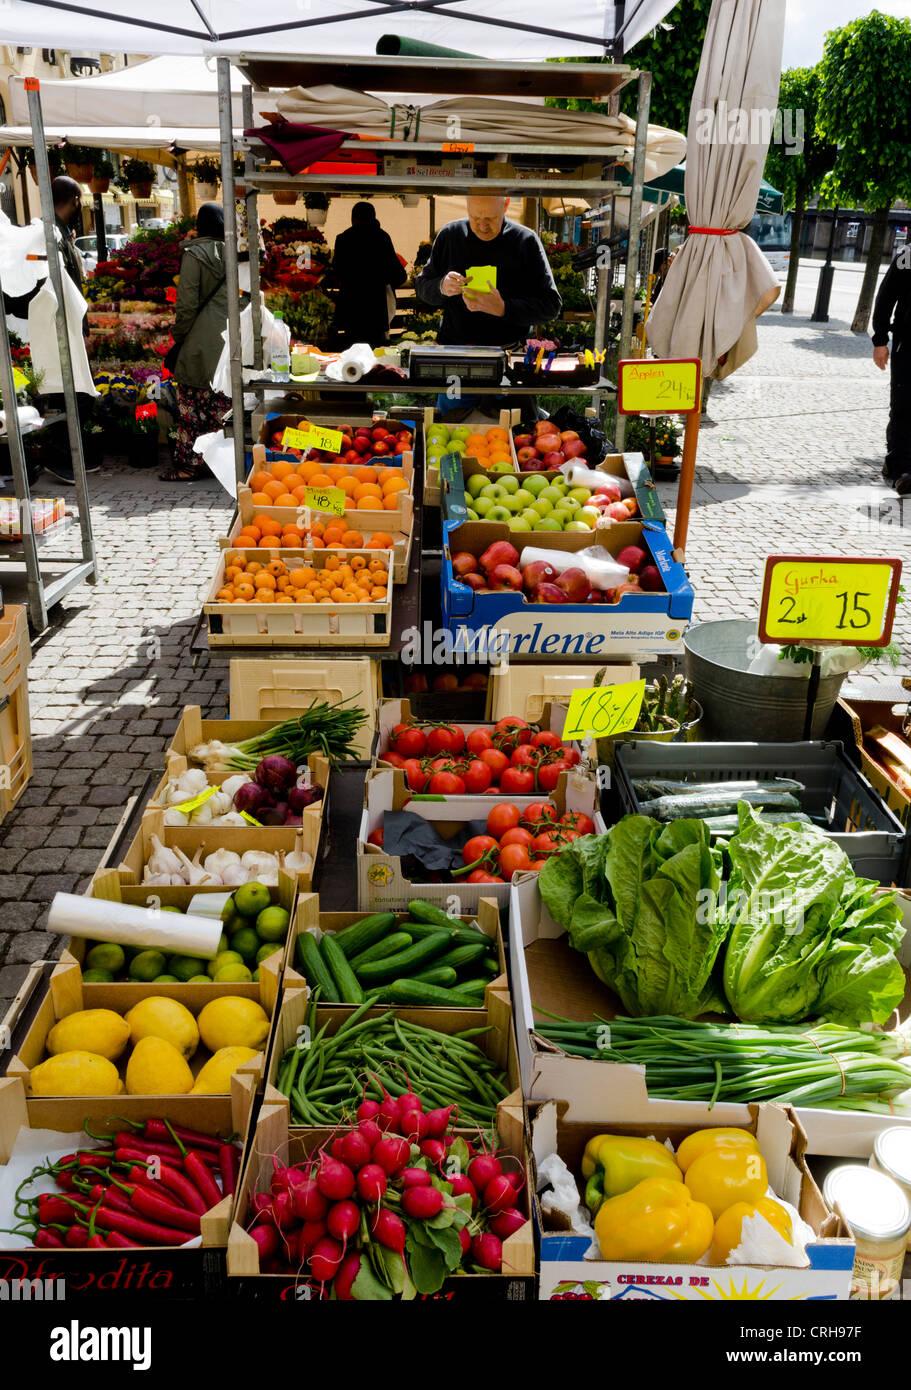 Market stall in Stockholm, Sweden - Stock Image